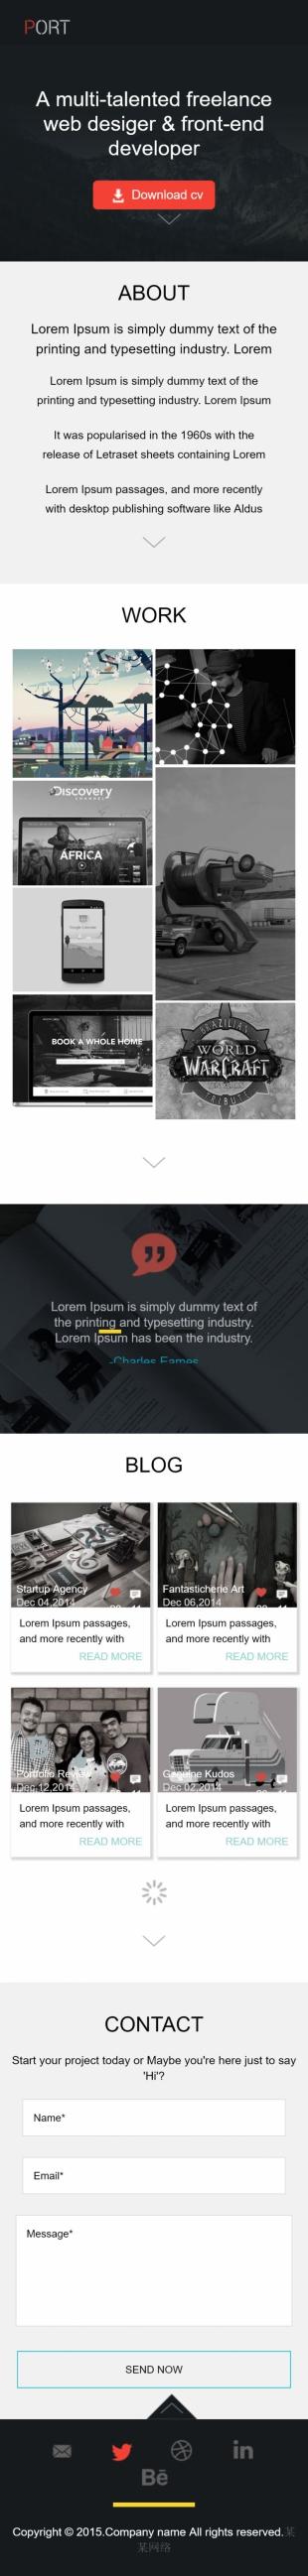 动画设计类英文模板网站响应式网站手机图片